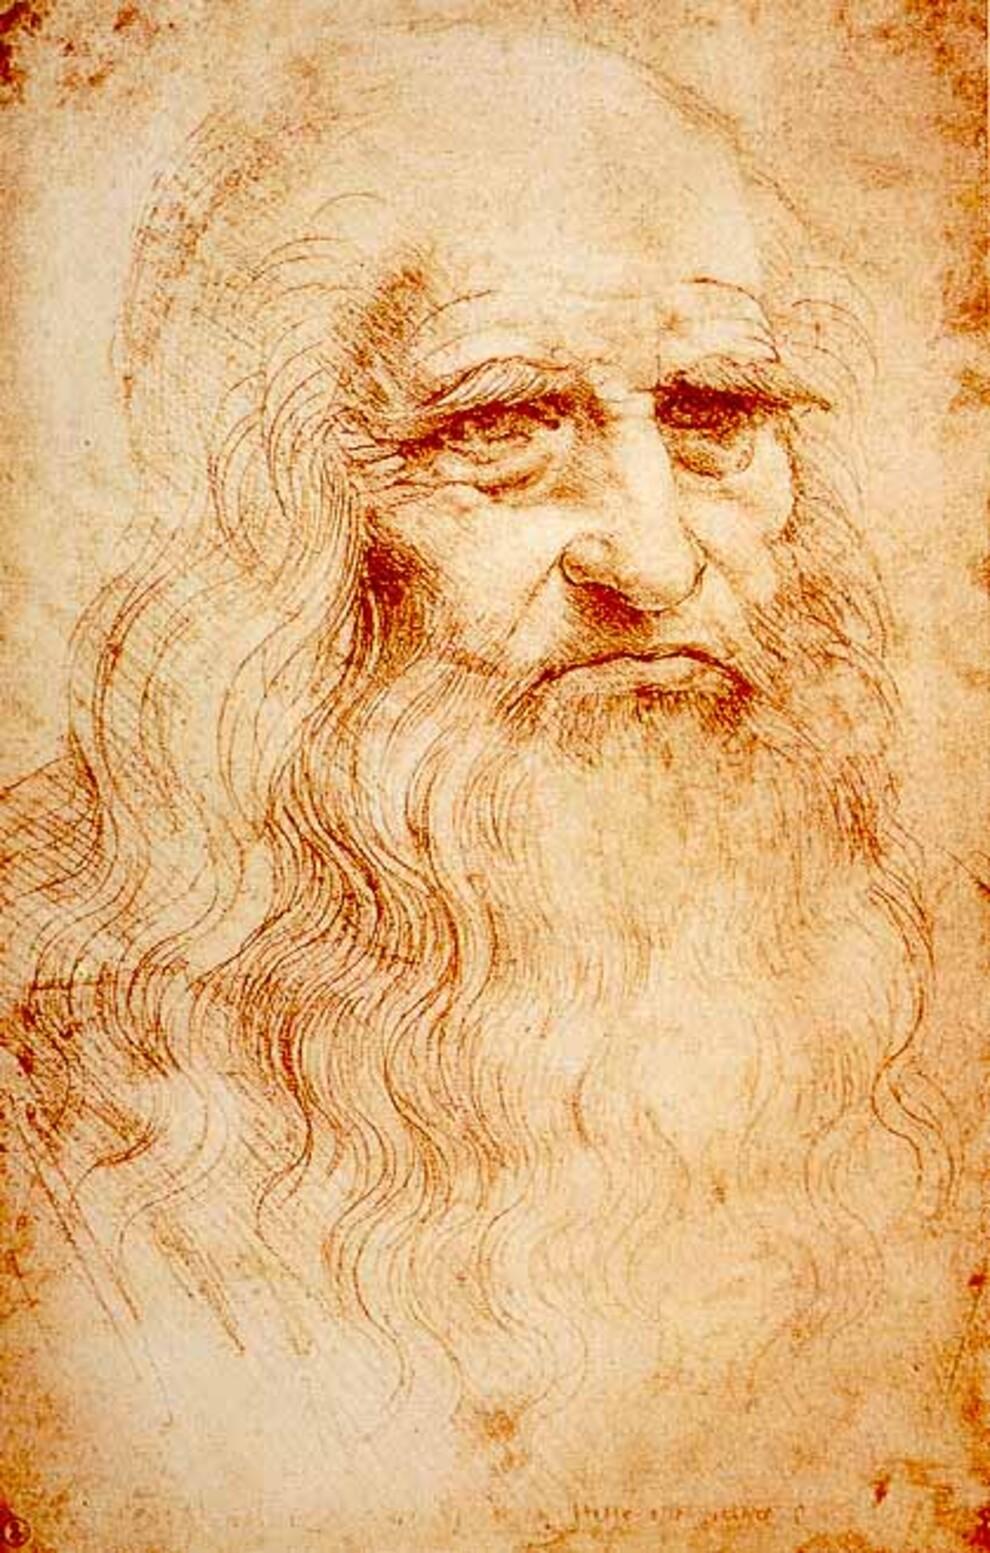 В Италии нашли эскиз Леонардо да Винчи, на котором изображен Христос - фото 3